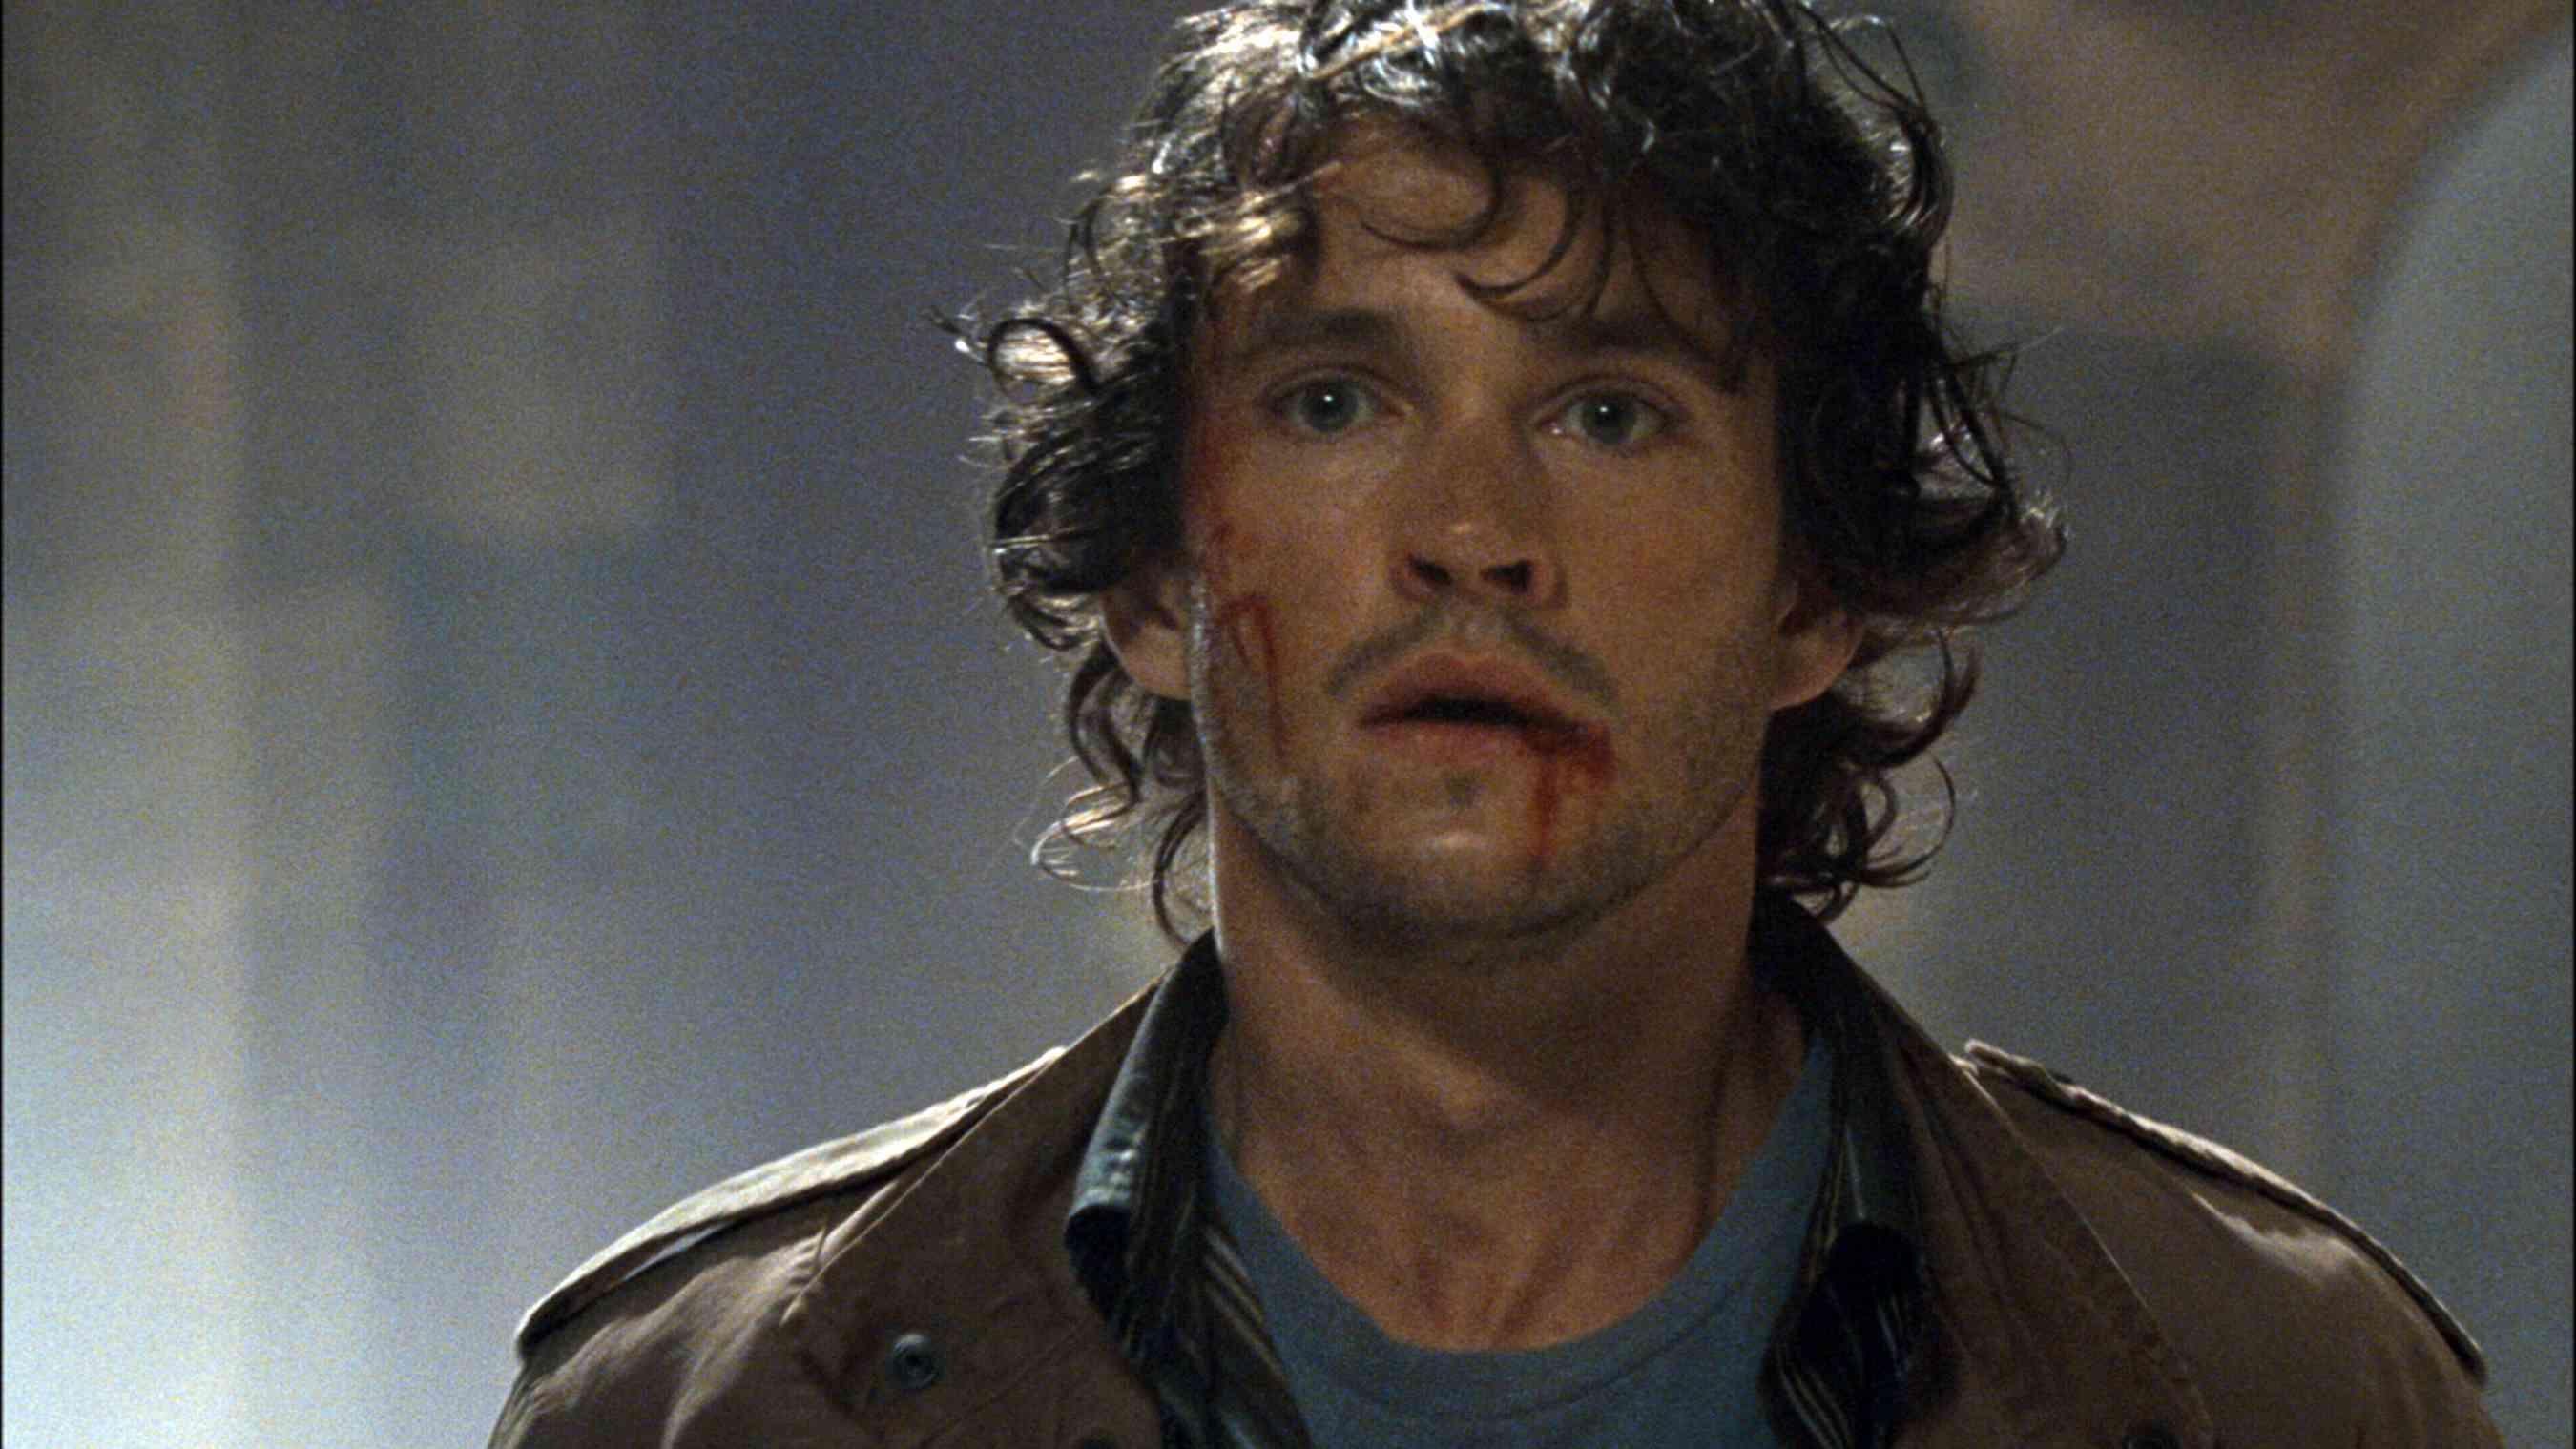 Poze Hugh Dancy - Actor - Poza 33 din 56 - CineMagia.ro